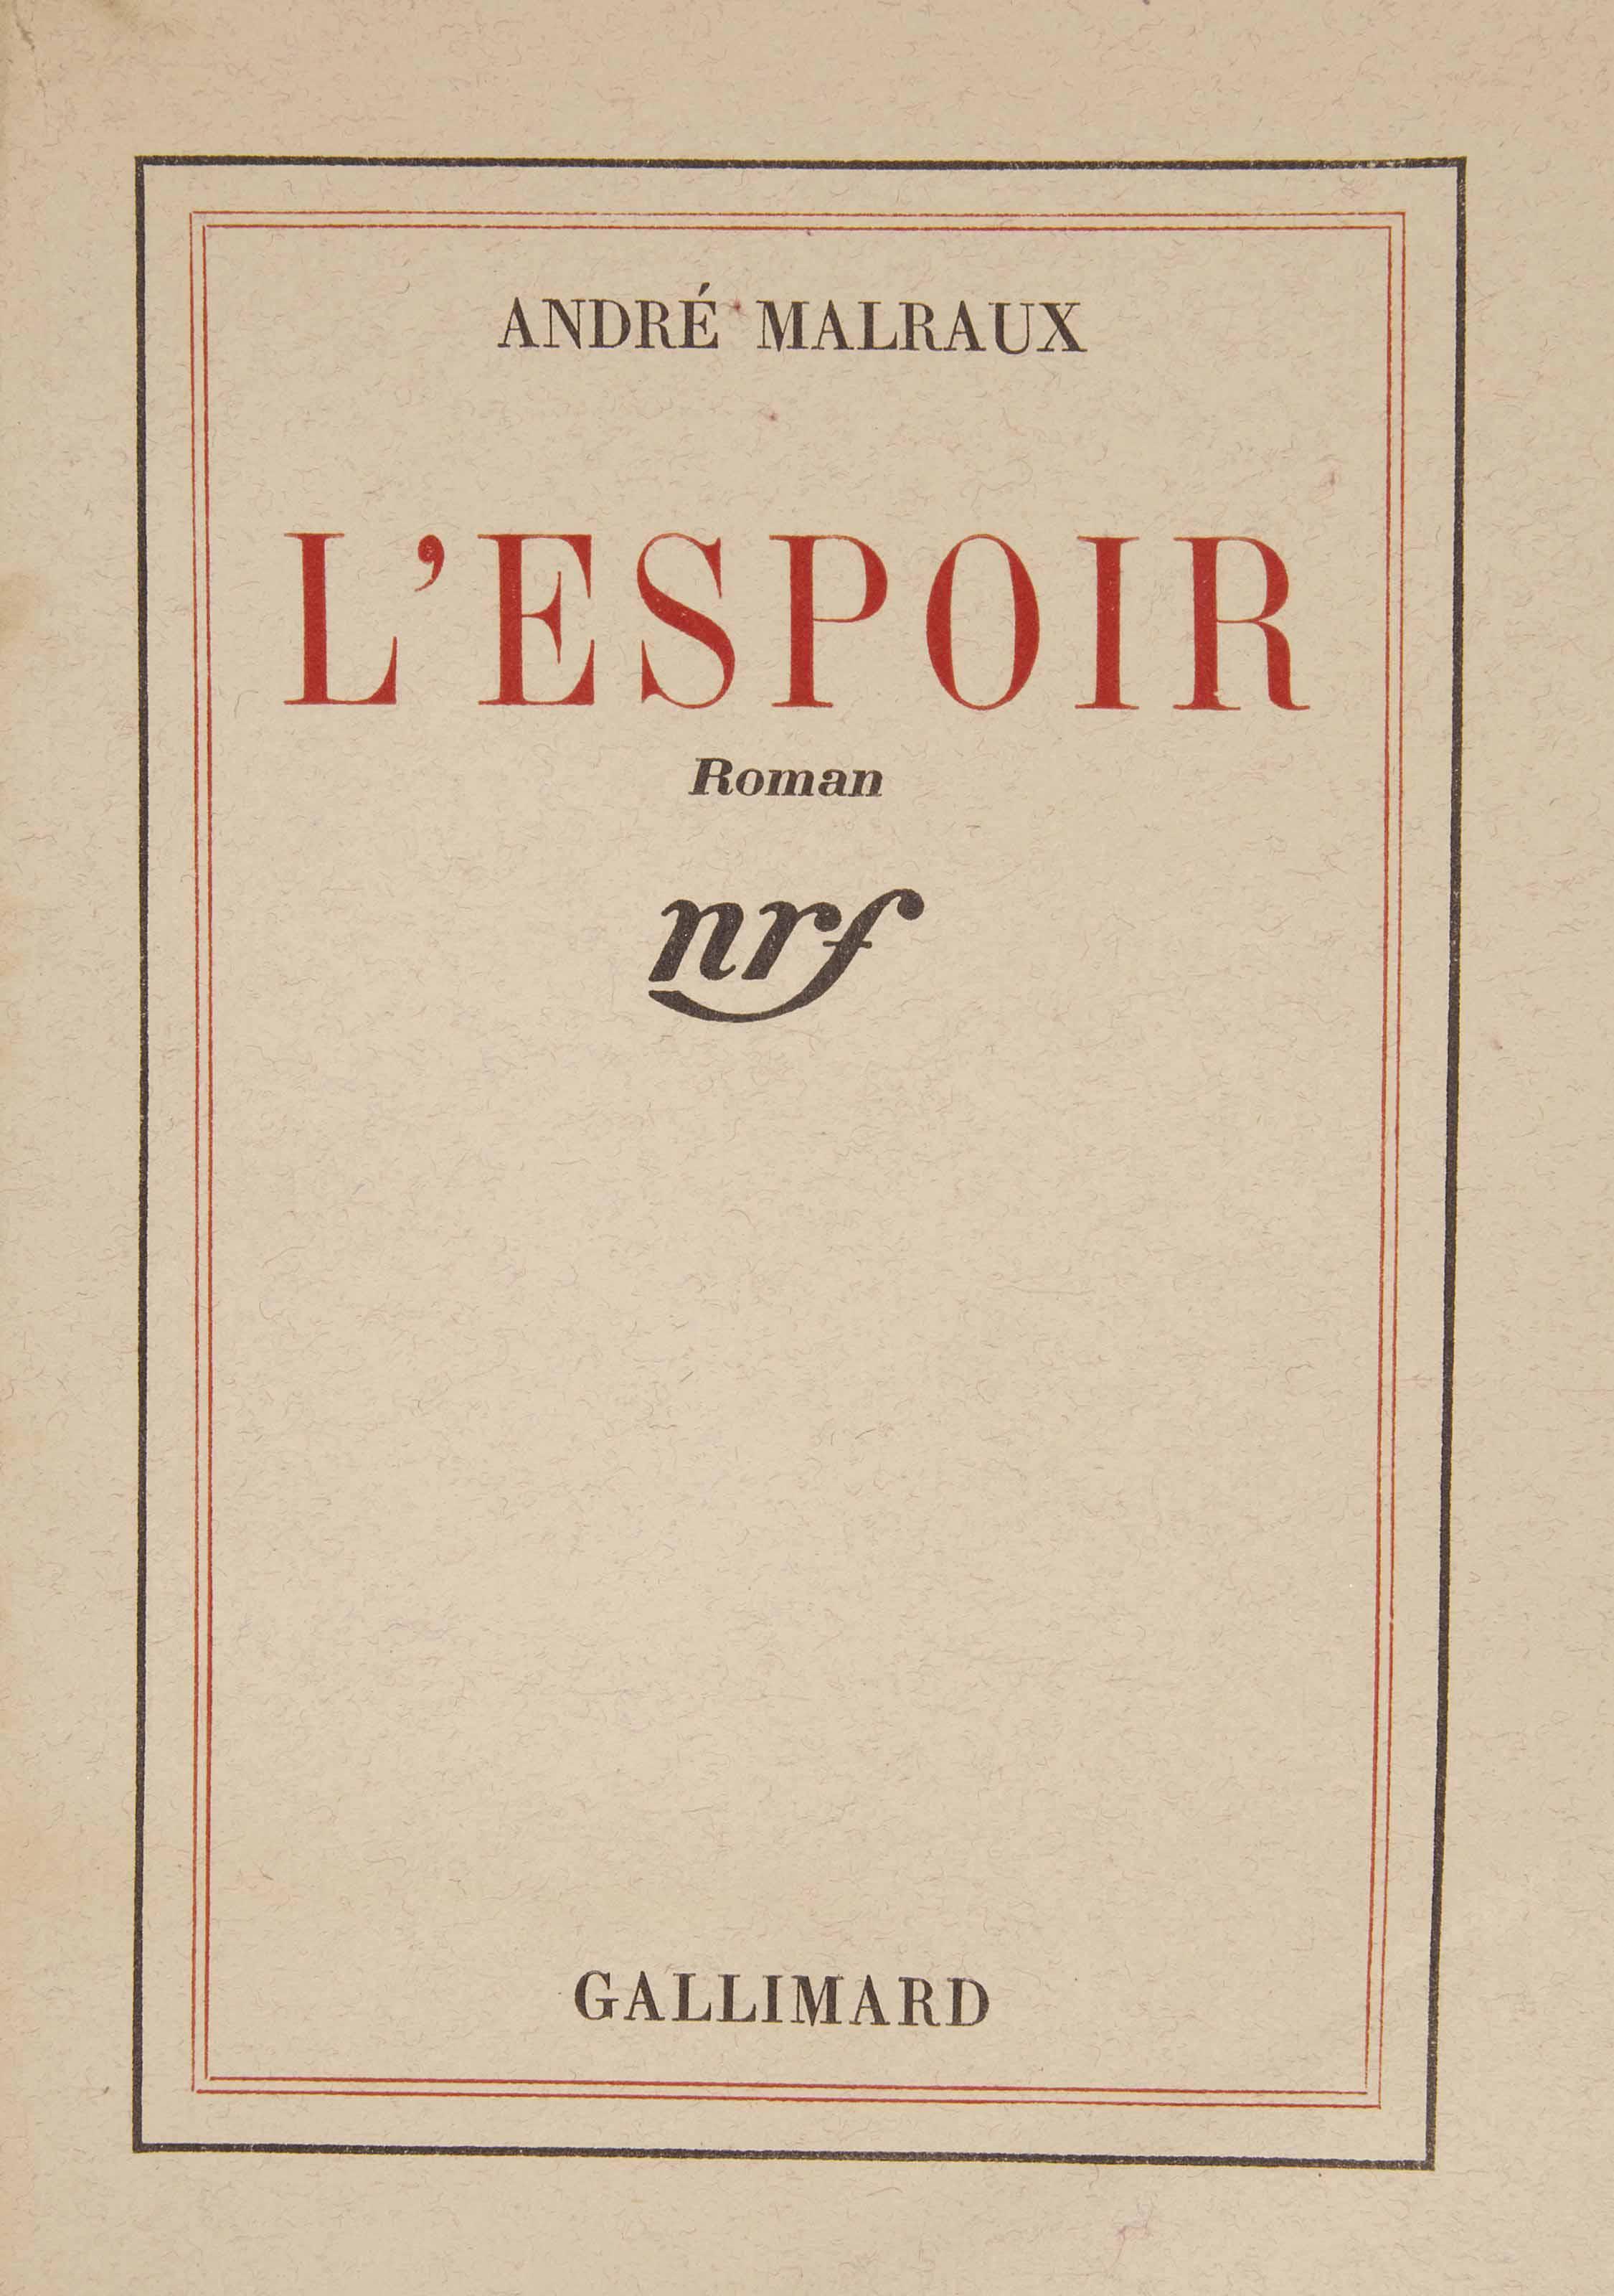 MALRAUX, André (1901-1976). L'Espoir. Paris: NRF, 15 décembre 1937.